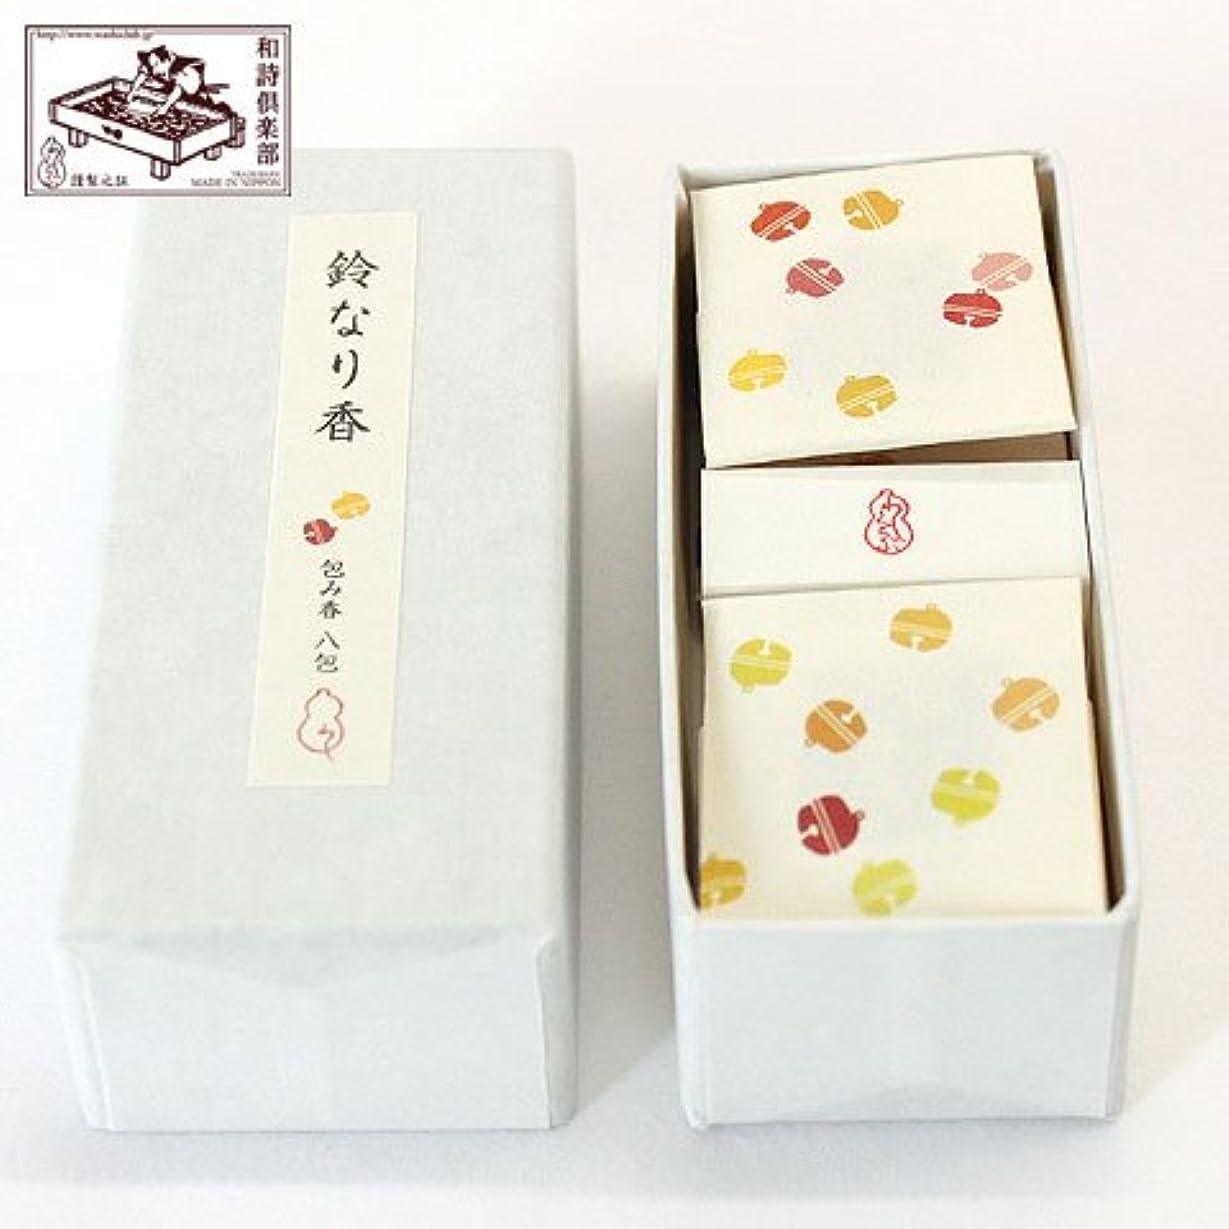 美徳ステレオタイプイブニング文香包み香鈴なり香 (TU-014)和詩倶楽部